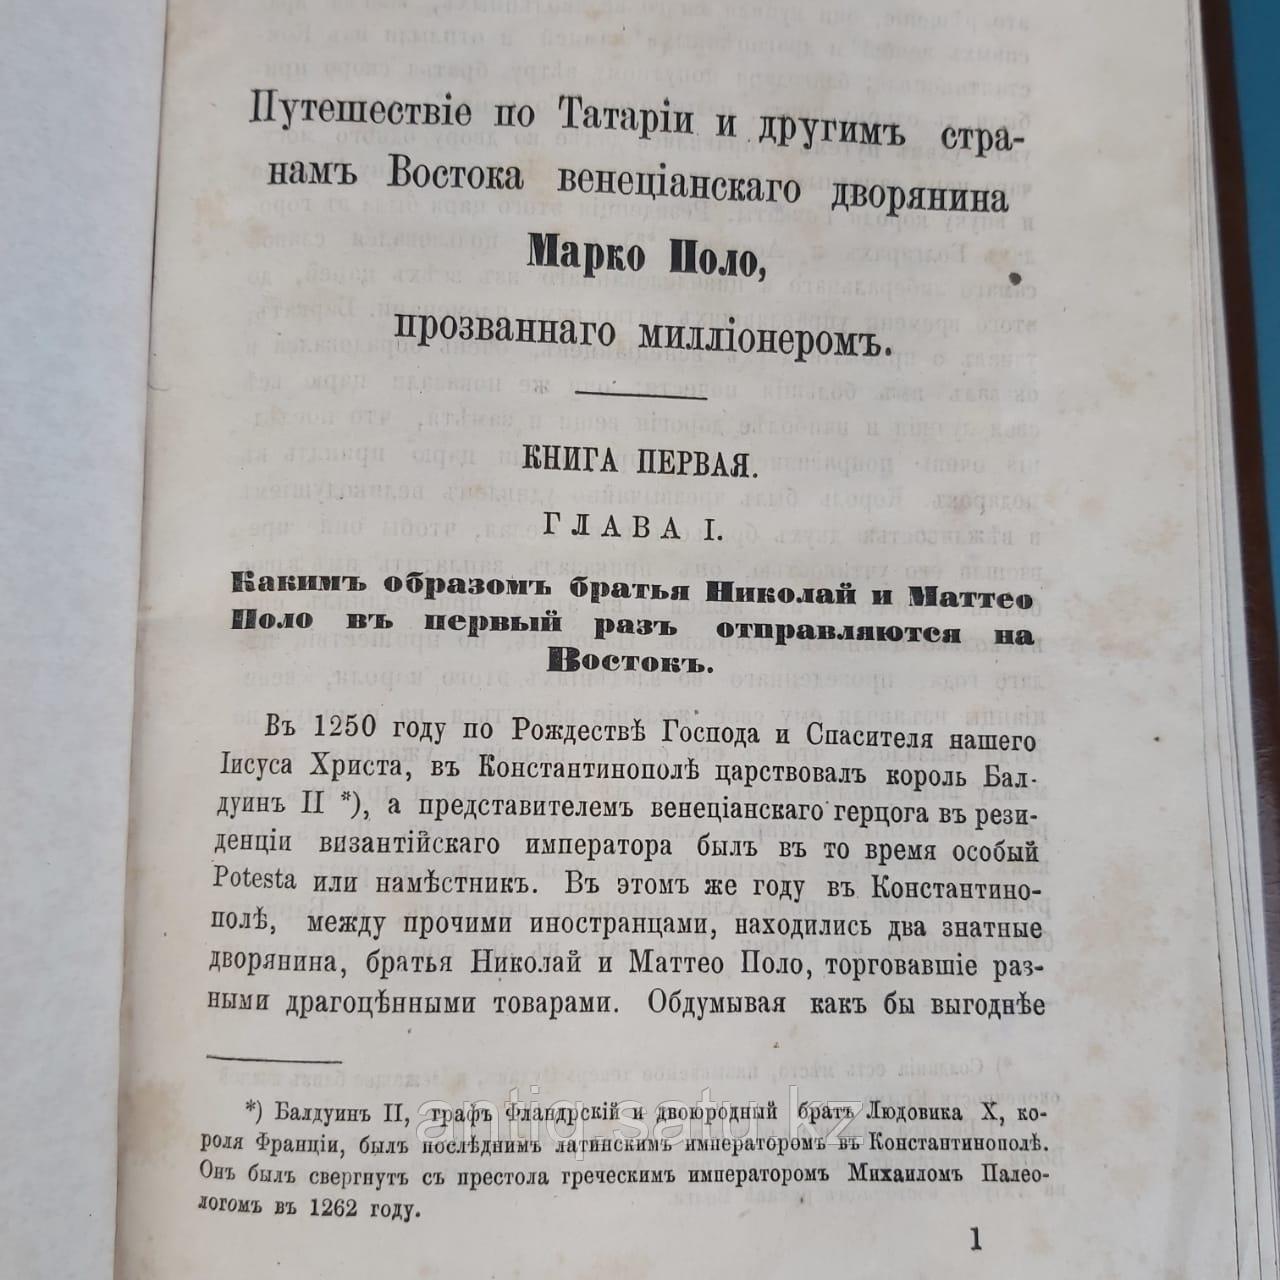 Путешествие в 1286 году по Татарии и другим странам Востока венецианского дворянина Марко Поло. - фото 3